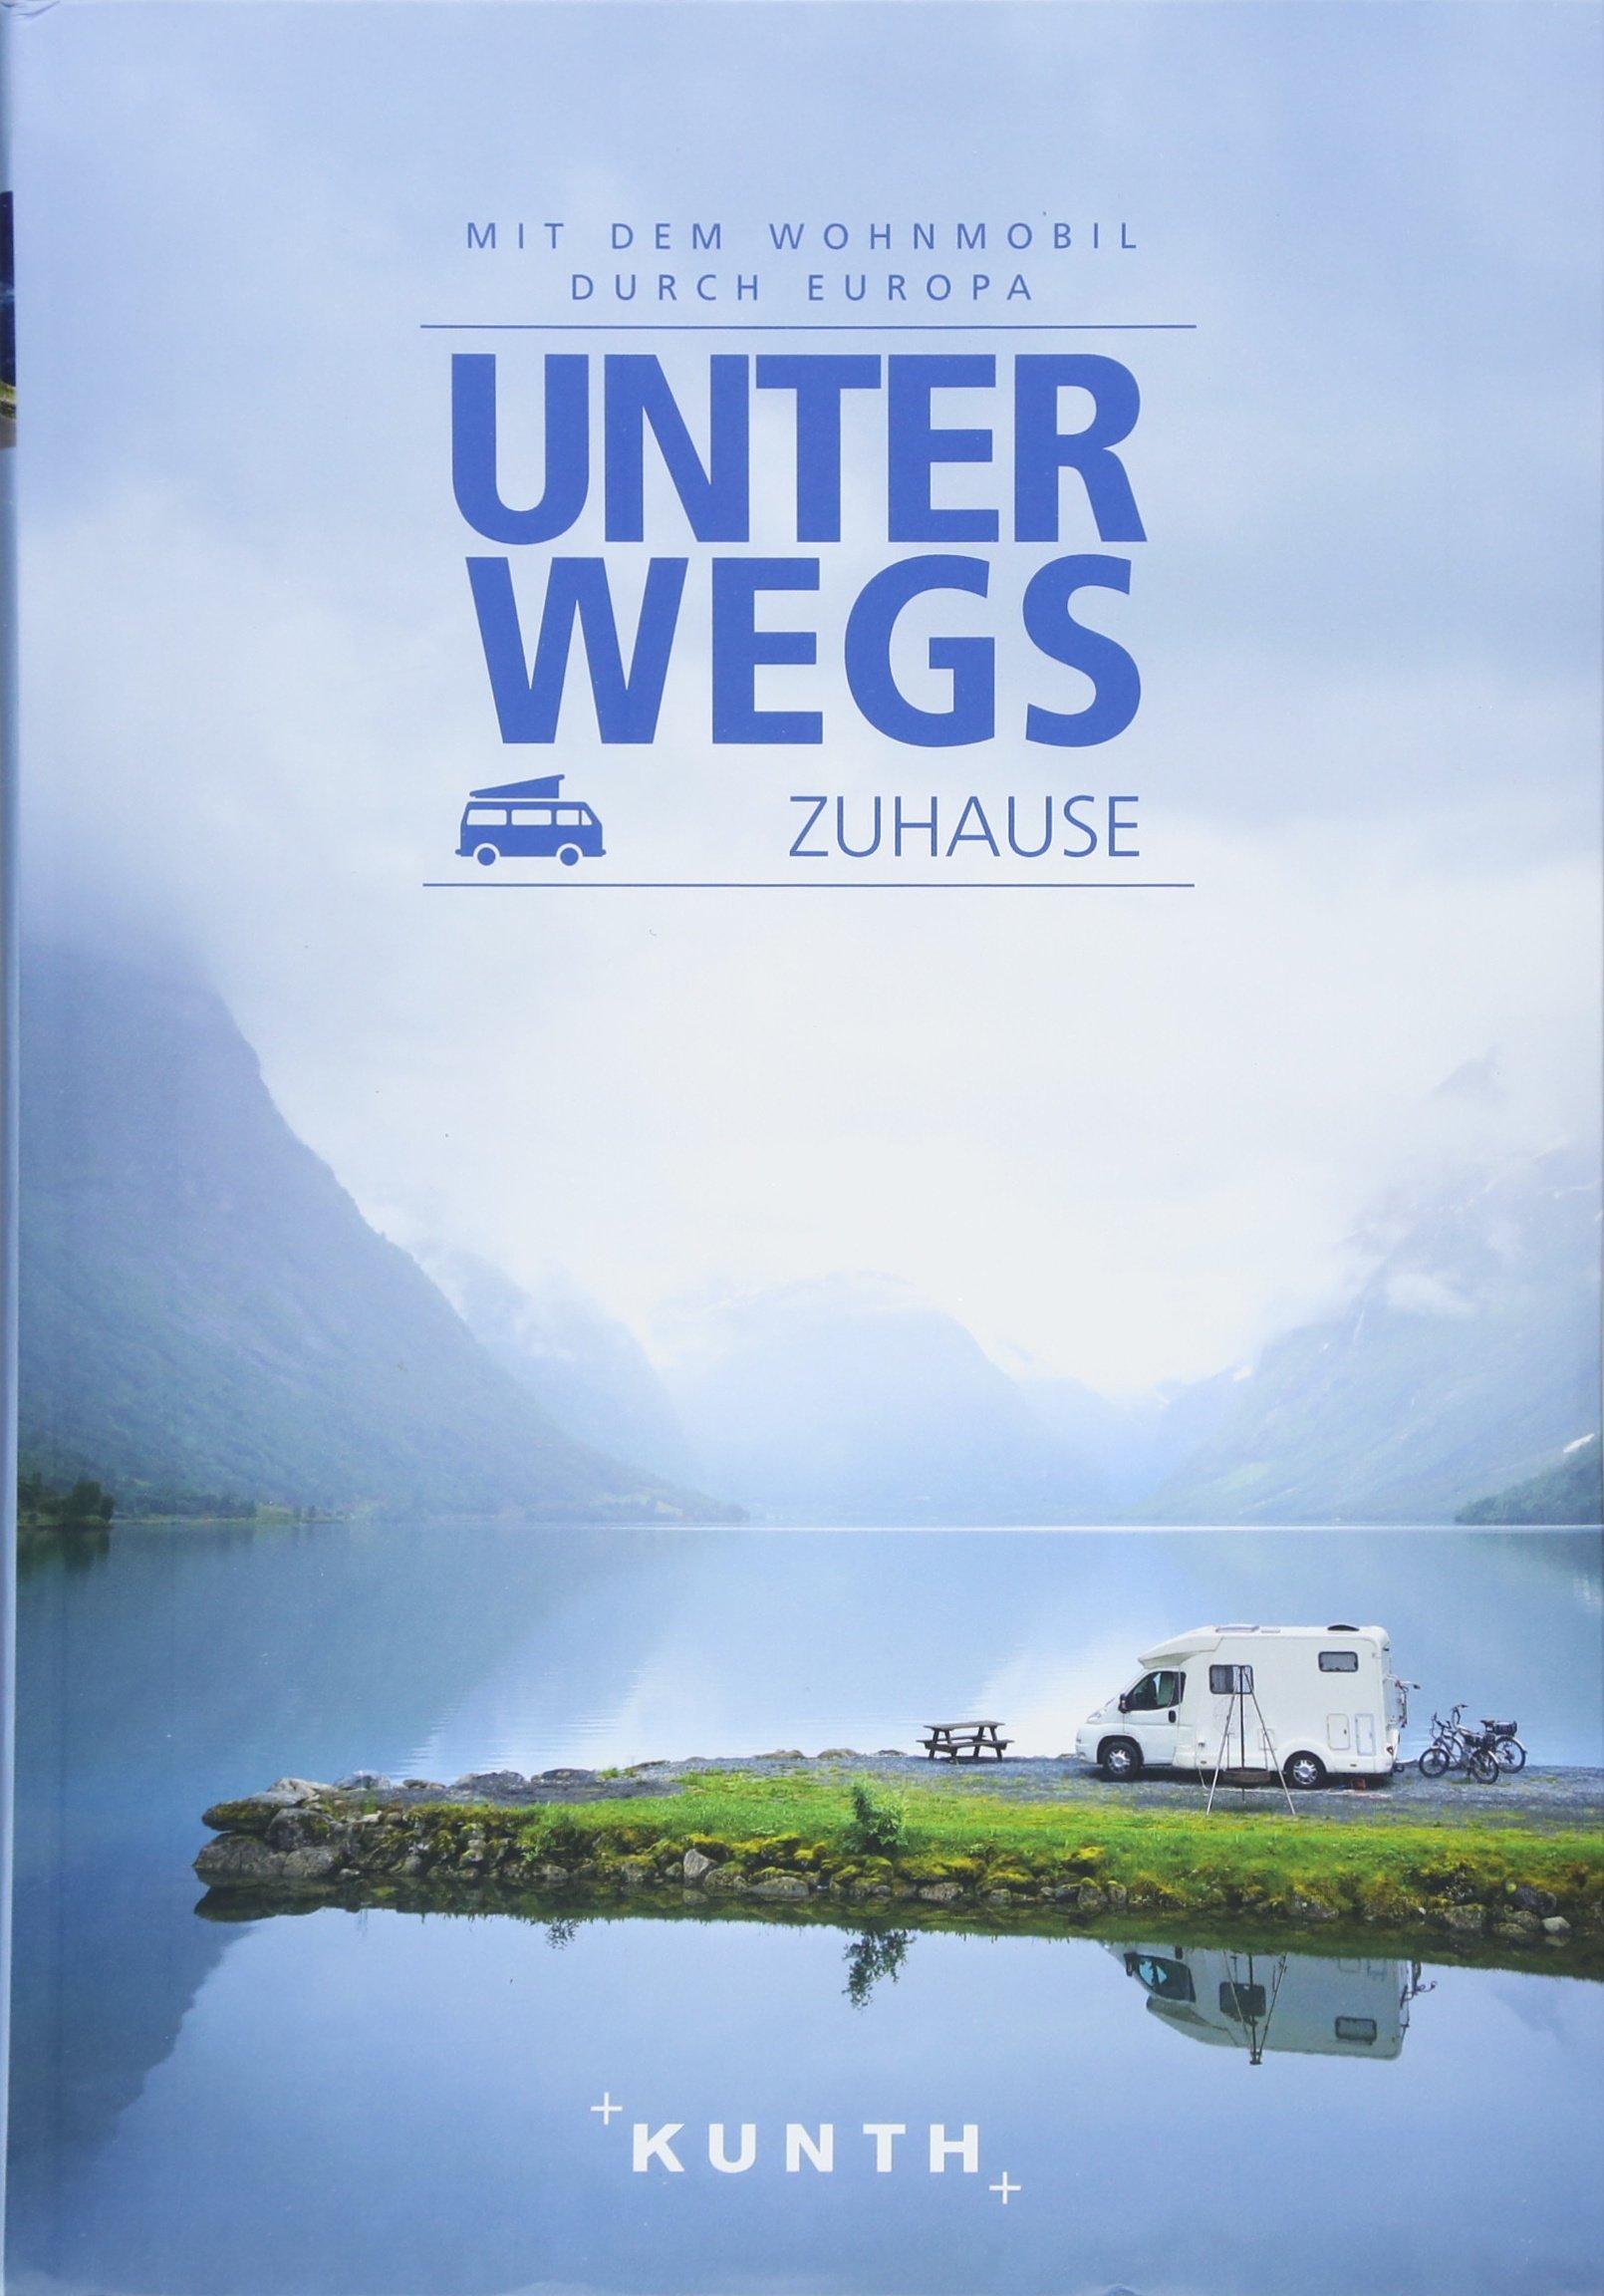 Unterwegs zuhause: Mit dem Wohnmobil durch Europa: Amazon.de: Bücher